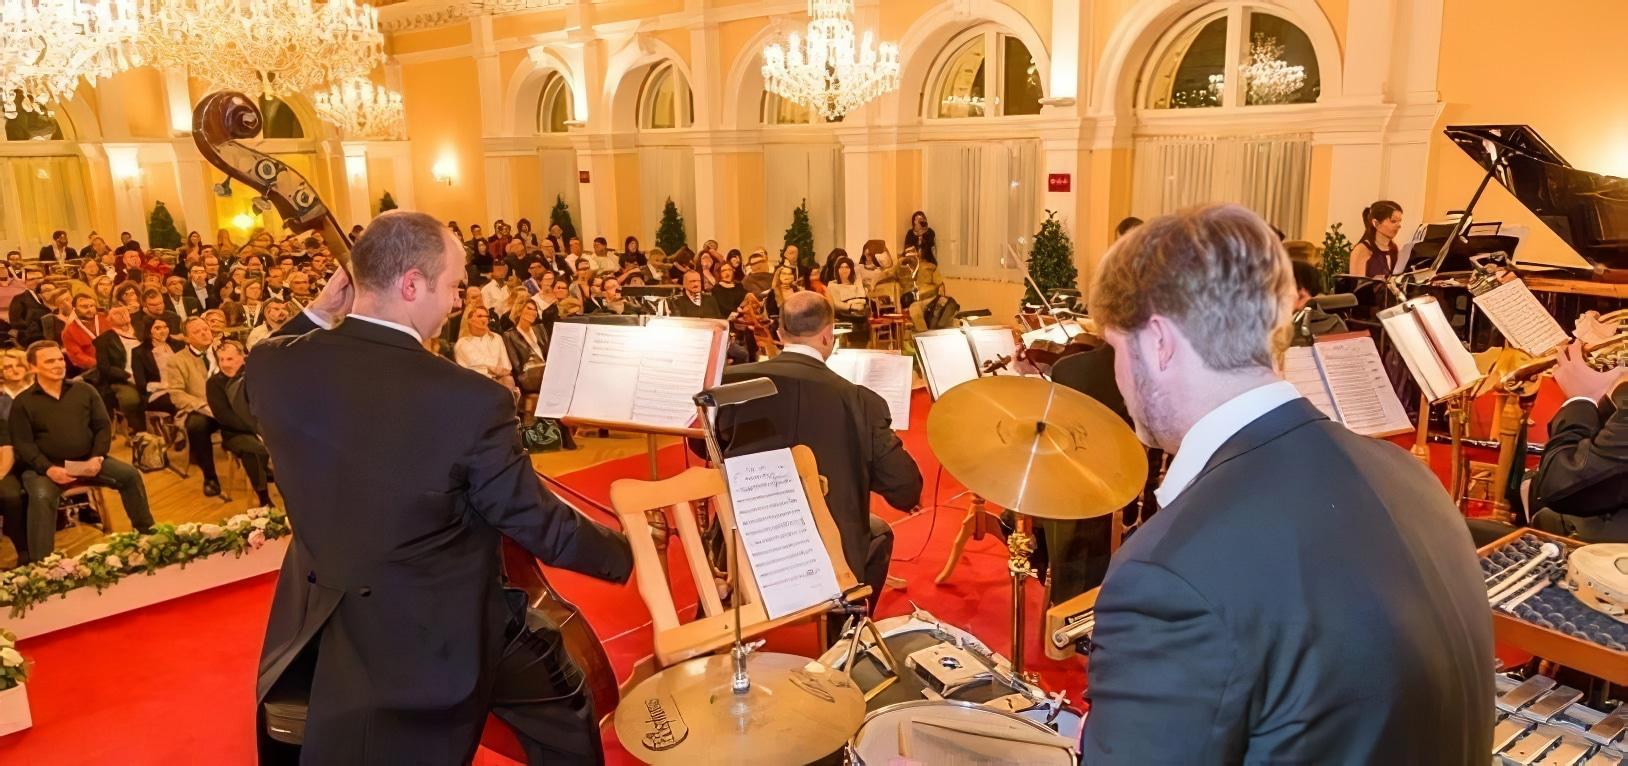 Dîner-concert au Kursalon, Vienne